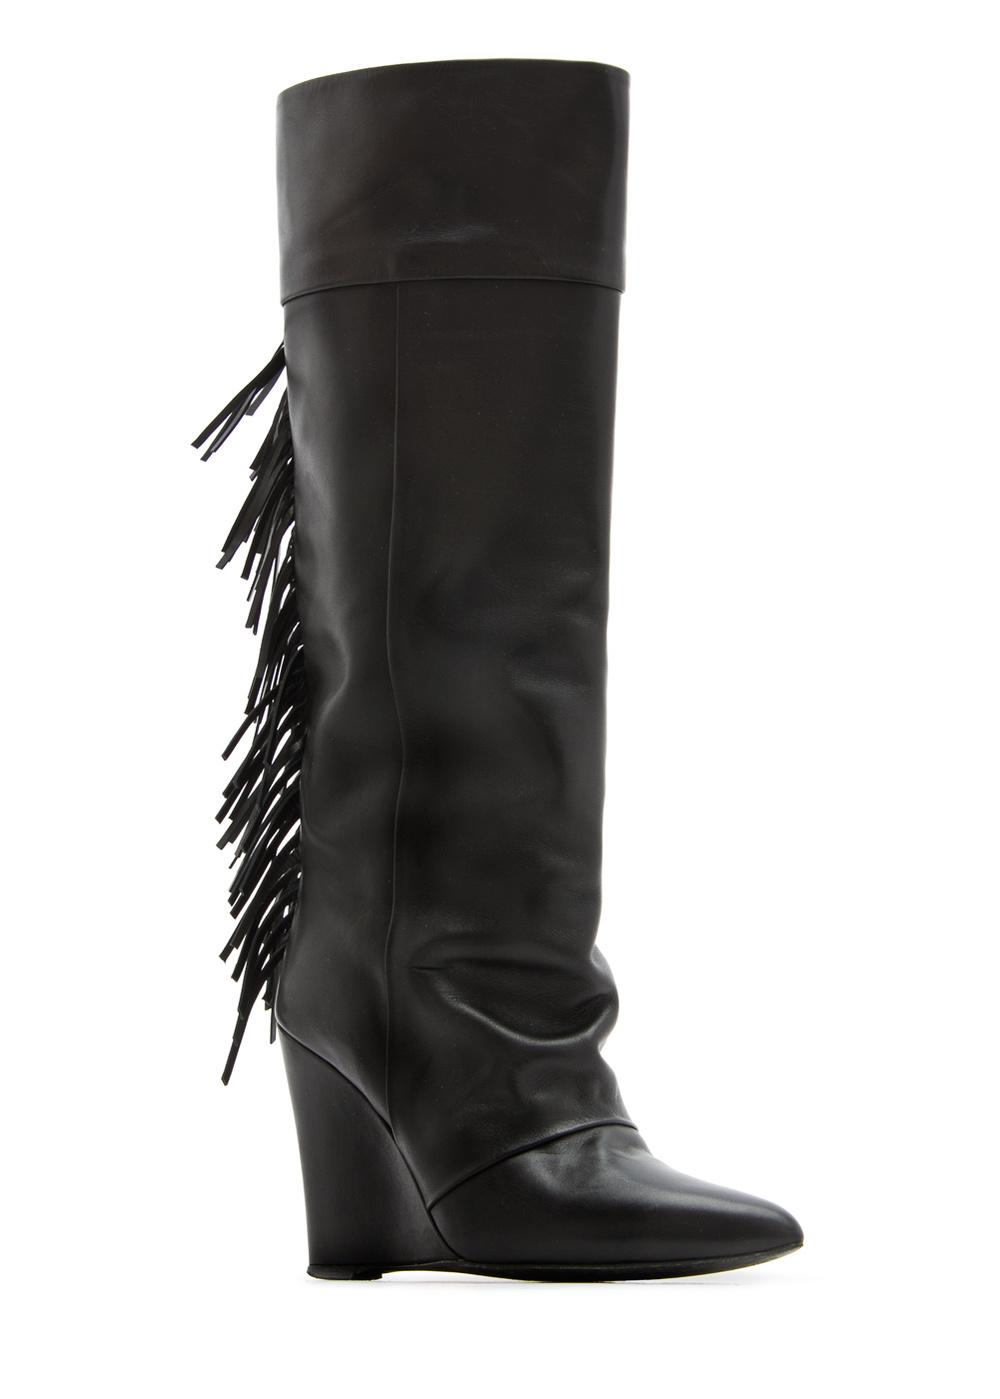 Mango Fringed Leather Wedge Boots.jpg